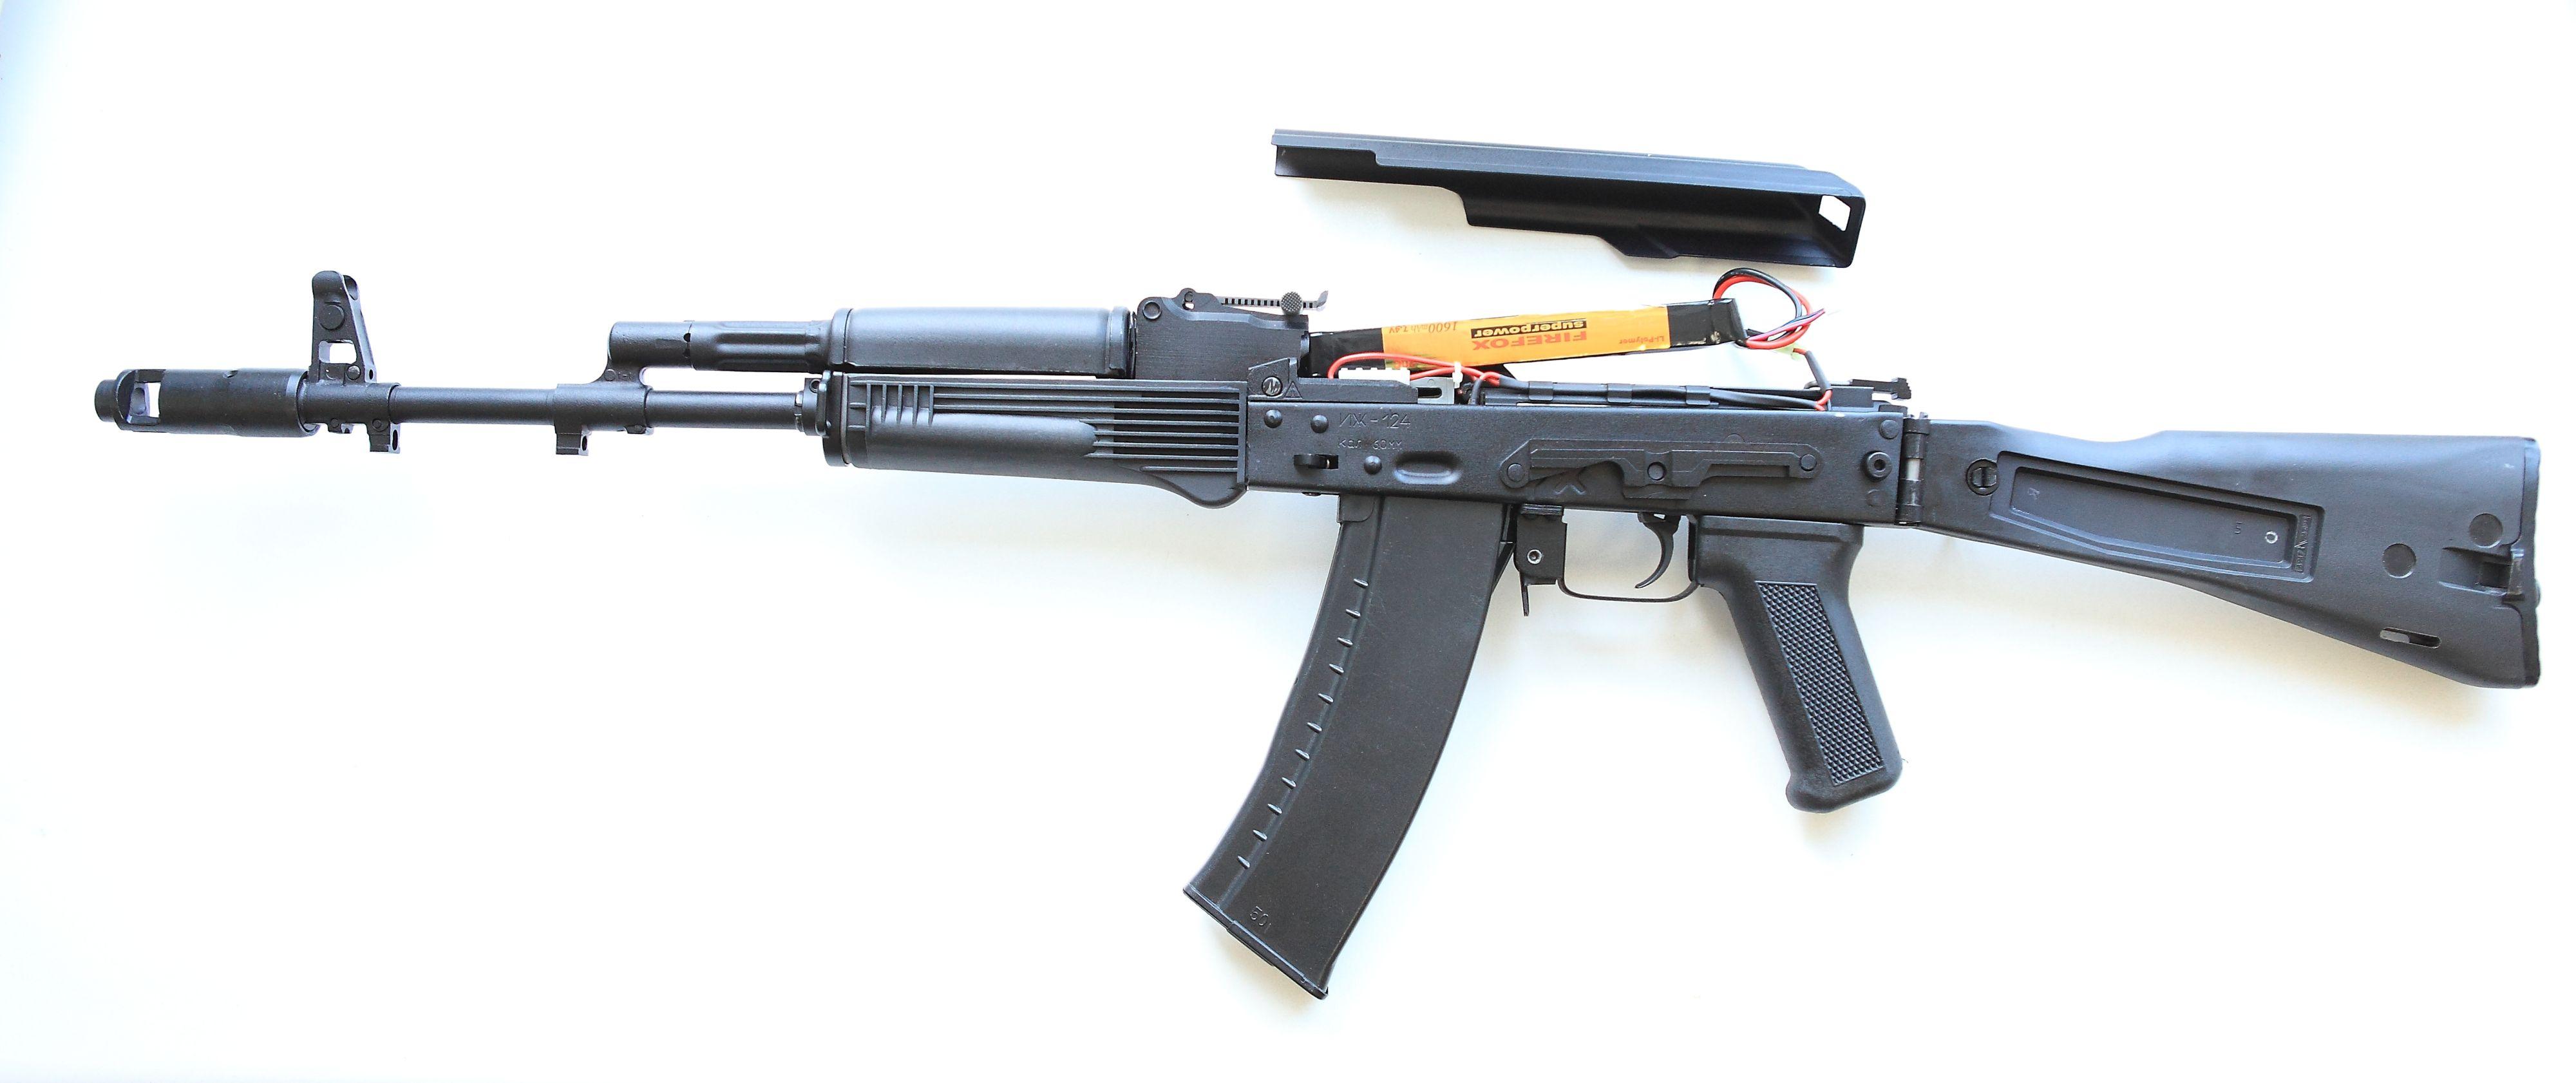 """Опытный образец АК-74М в версии airsoft, предназначенный для игры в страйкбол. Источник: ОАО """"НПО """"Ижмаш""""."""